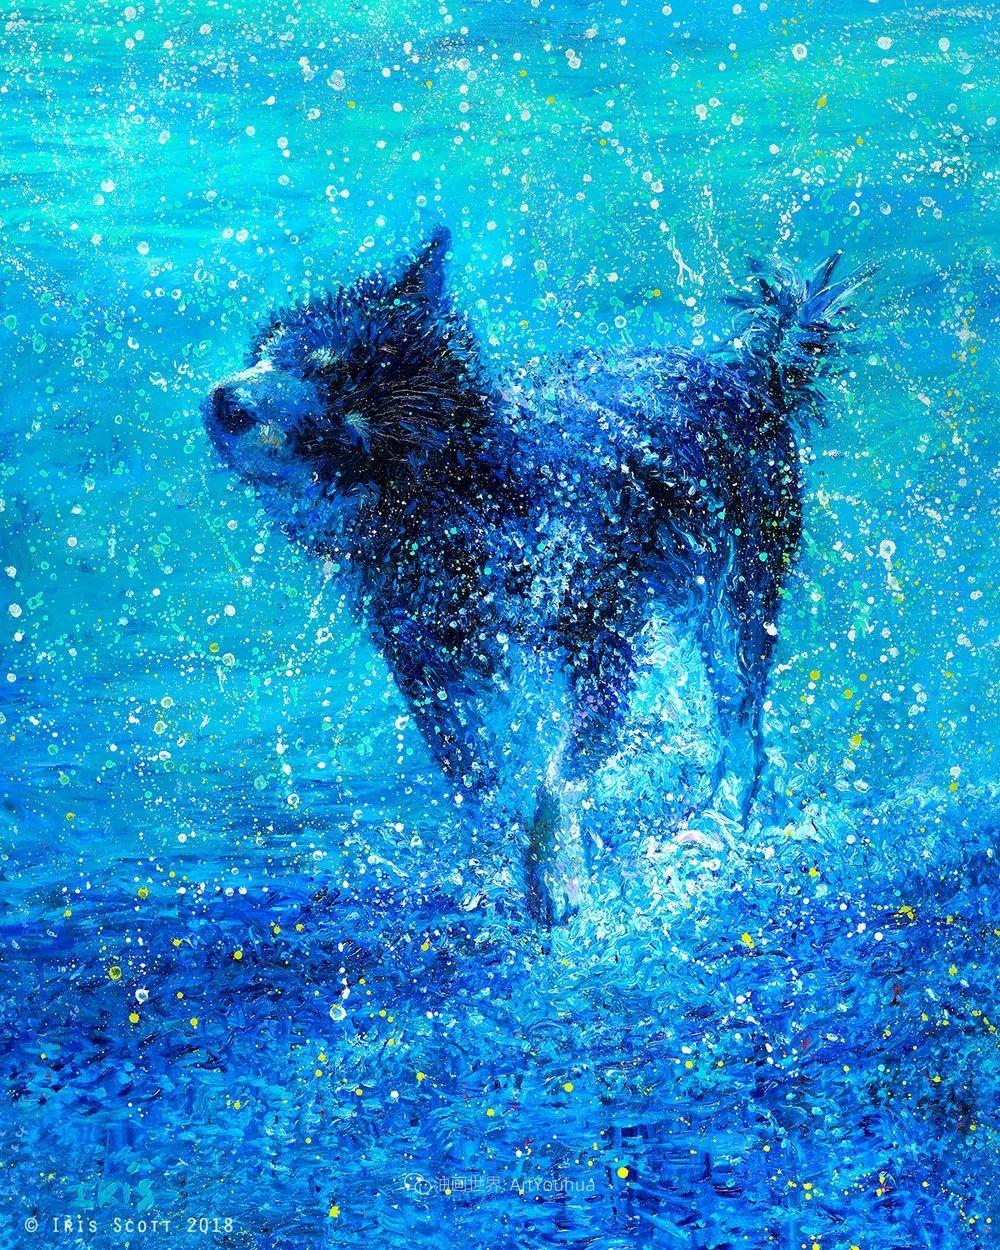 用颜料触摸这个世界!美国画家Iris Scott画选(中)——动植物篇插图73